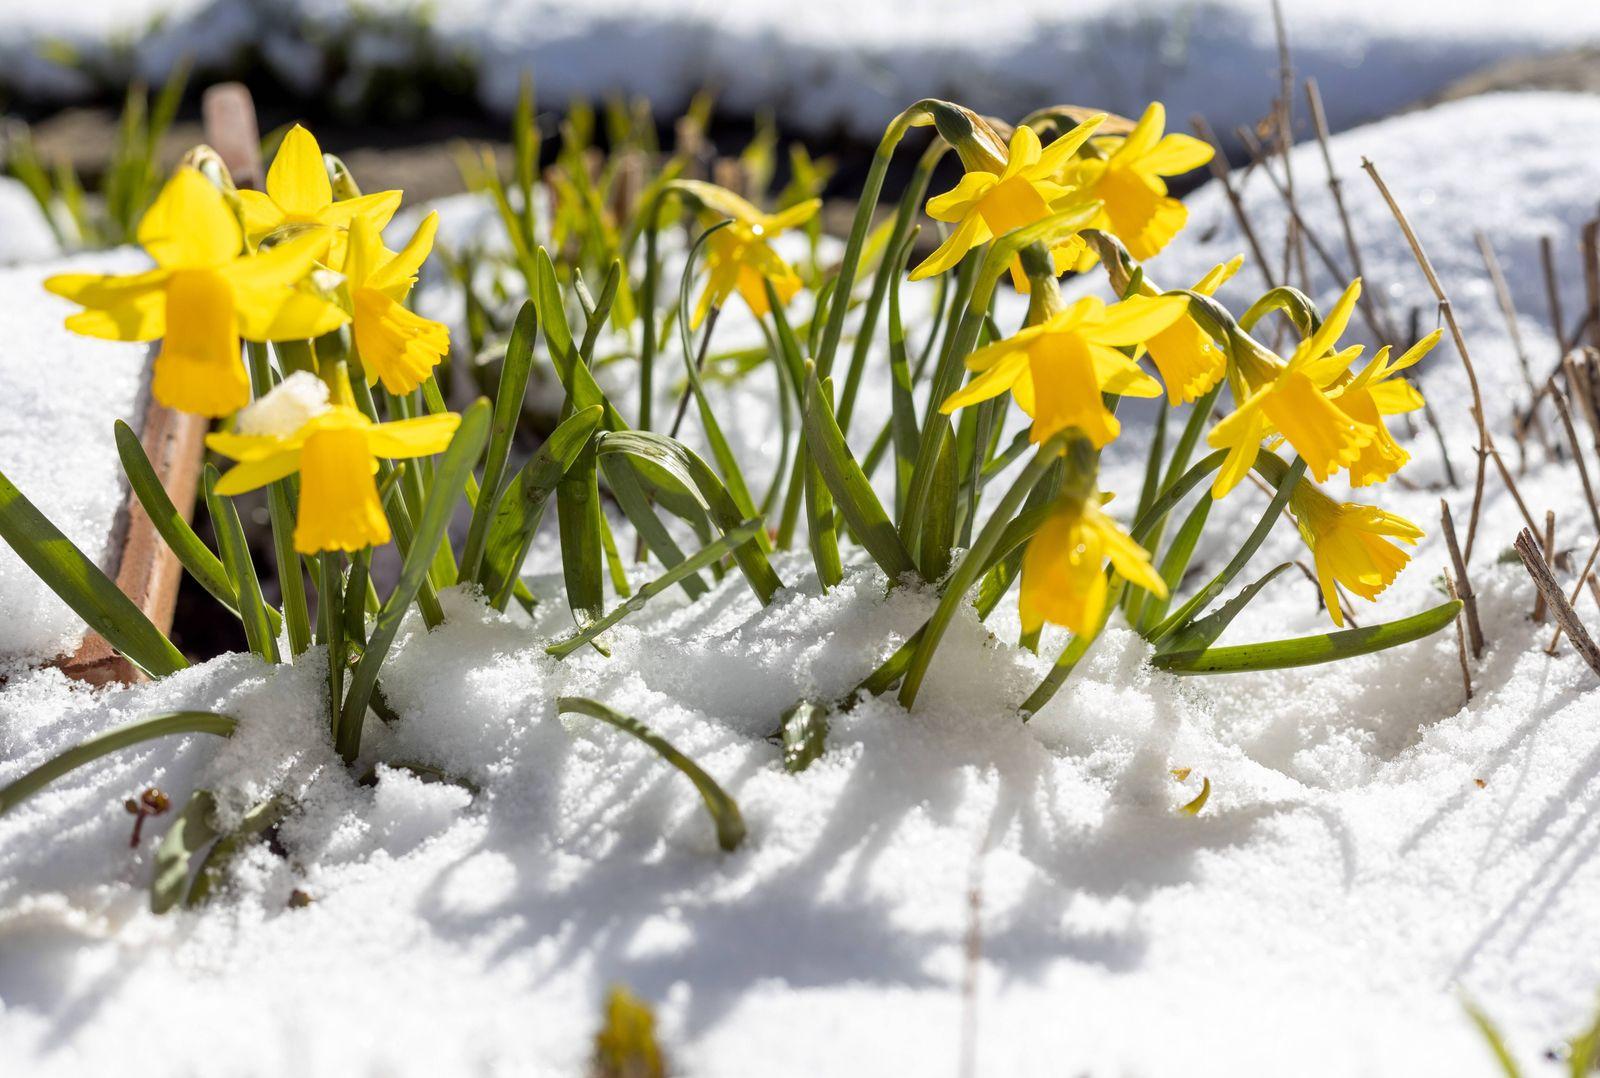 Schnee im April 06.04.2021, Schmitten (Hessen): Osterglocken ragen bei Sonnenschein aus einer Schneedecke heraus., Schm